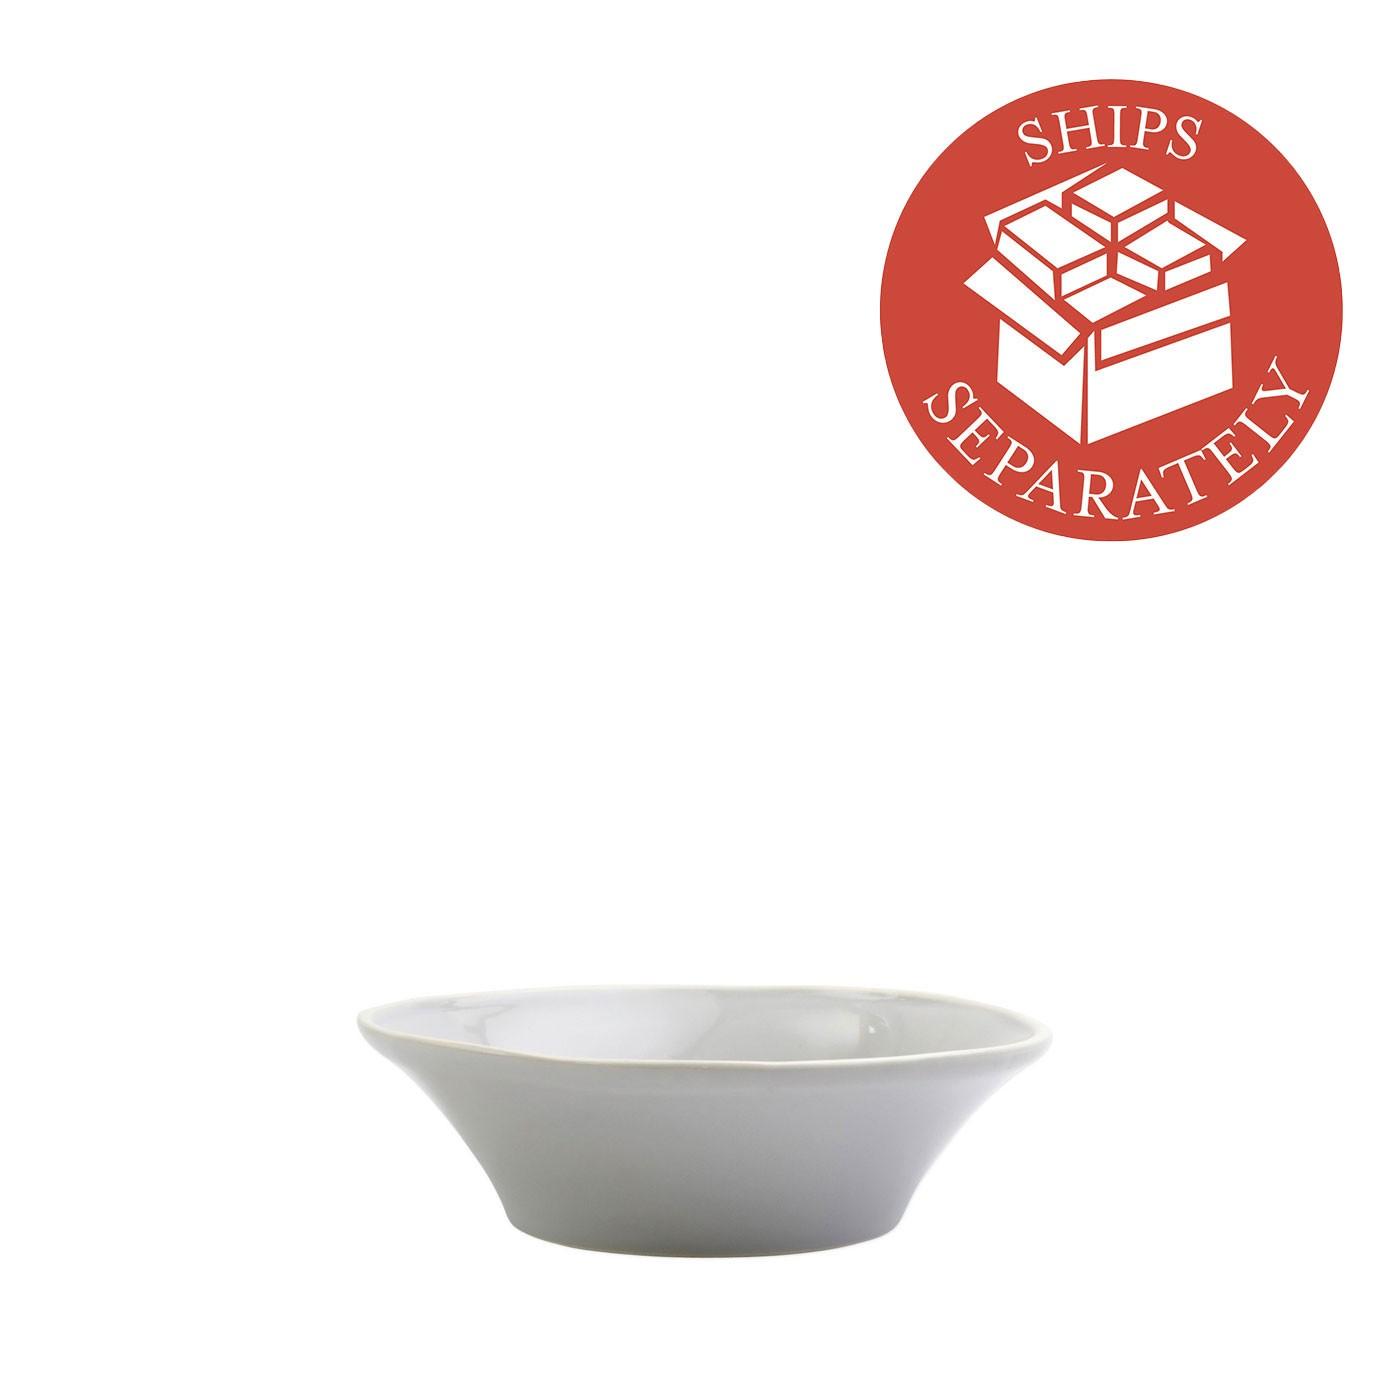 Chroma Light Gray Bowl - Vietri | Eataly.com